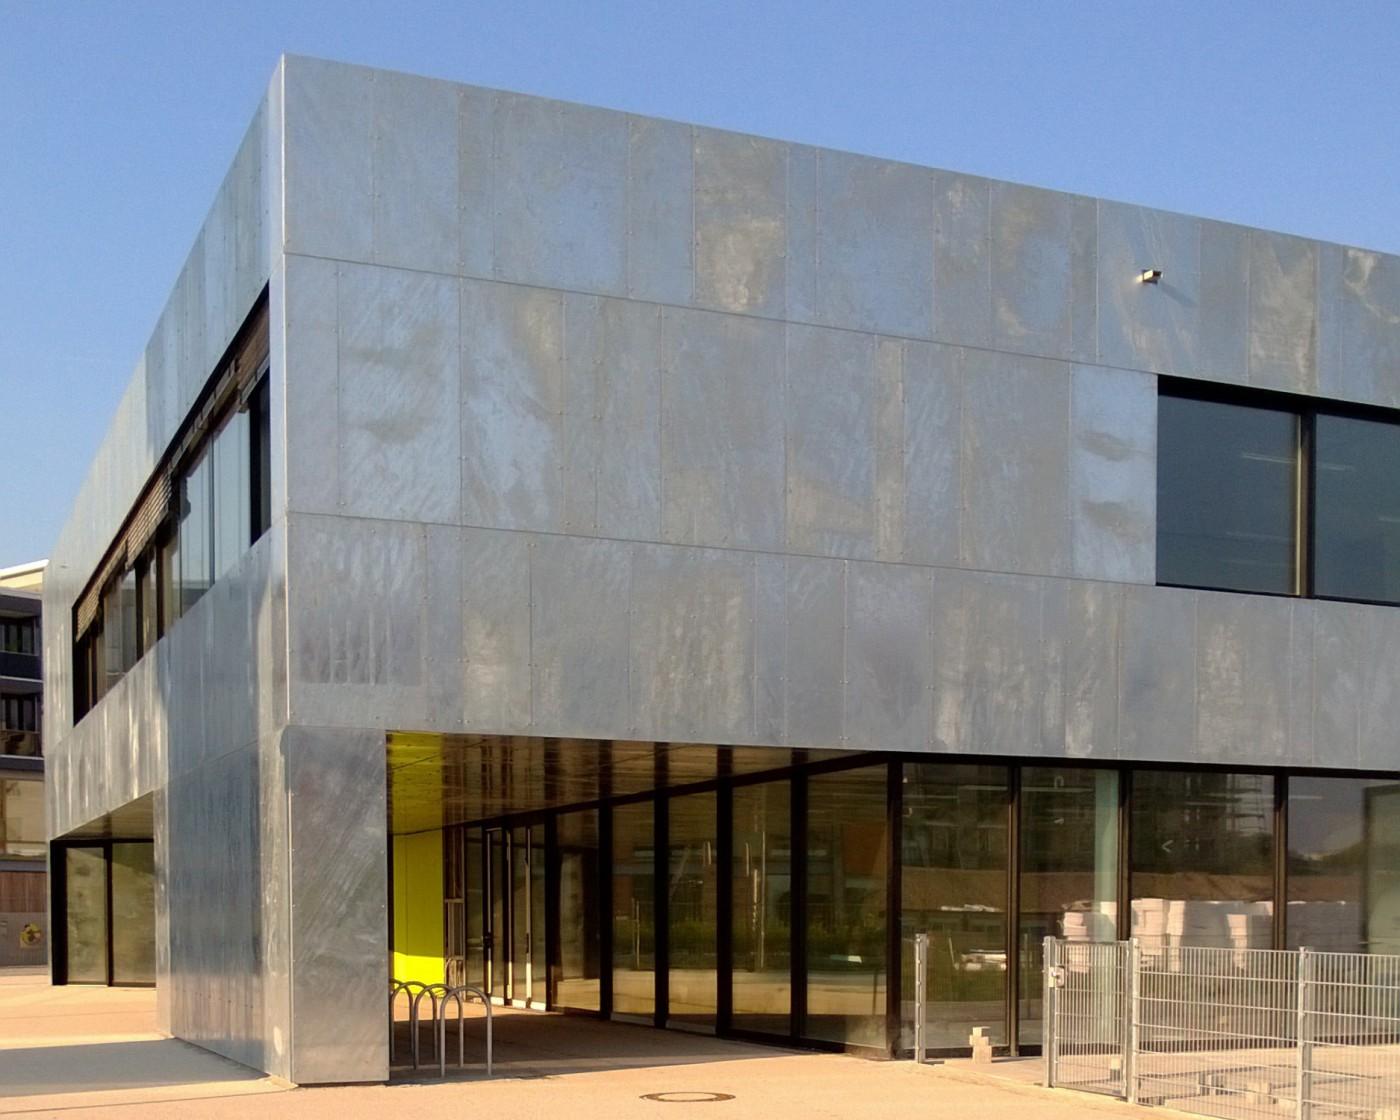 ww_Bildung_Grundschule Suedost_Karlsruhe_4c_1400x0_2